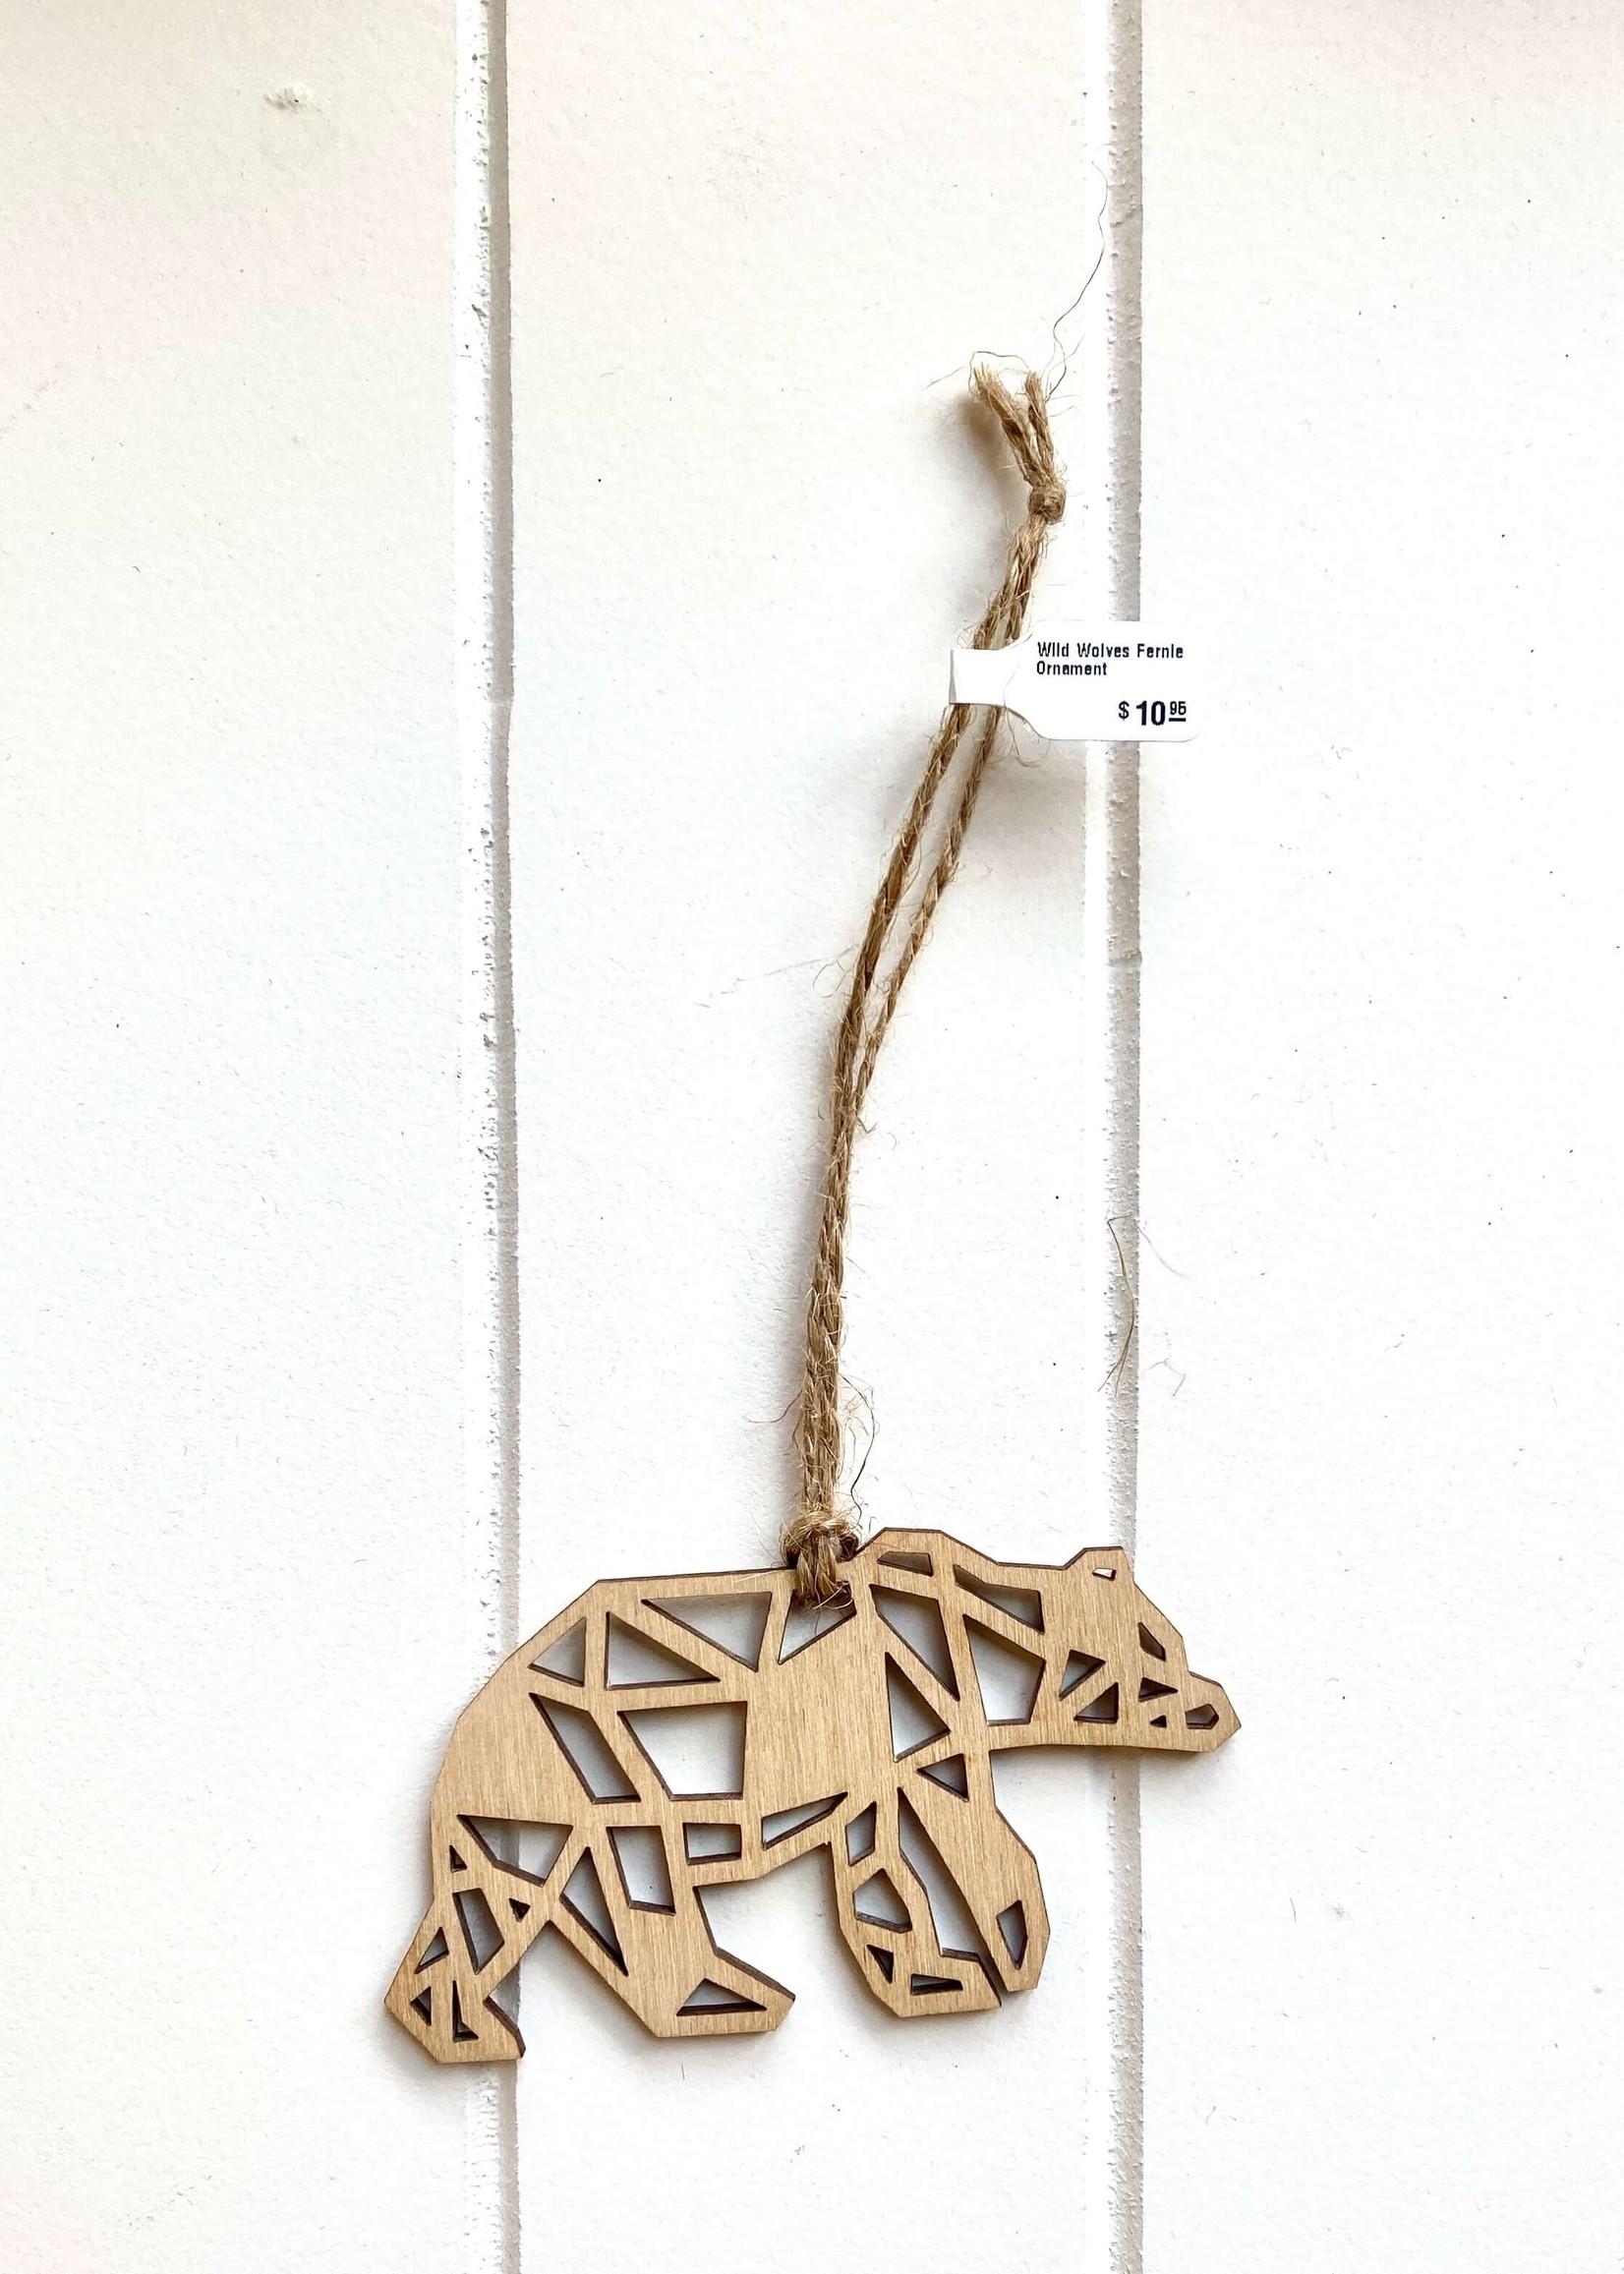 Wild Wolves Design Wild Wolves Fernie Ornament Animals